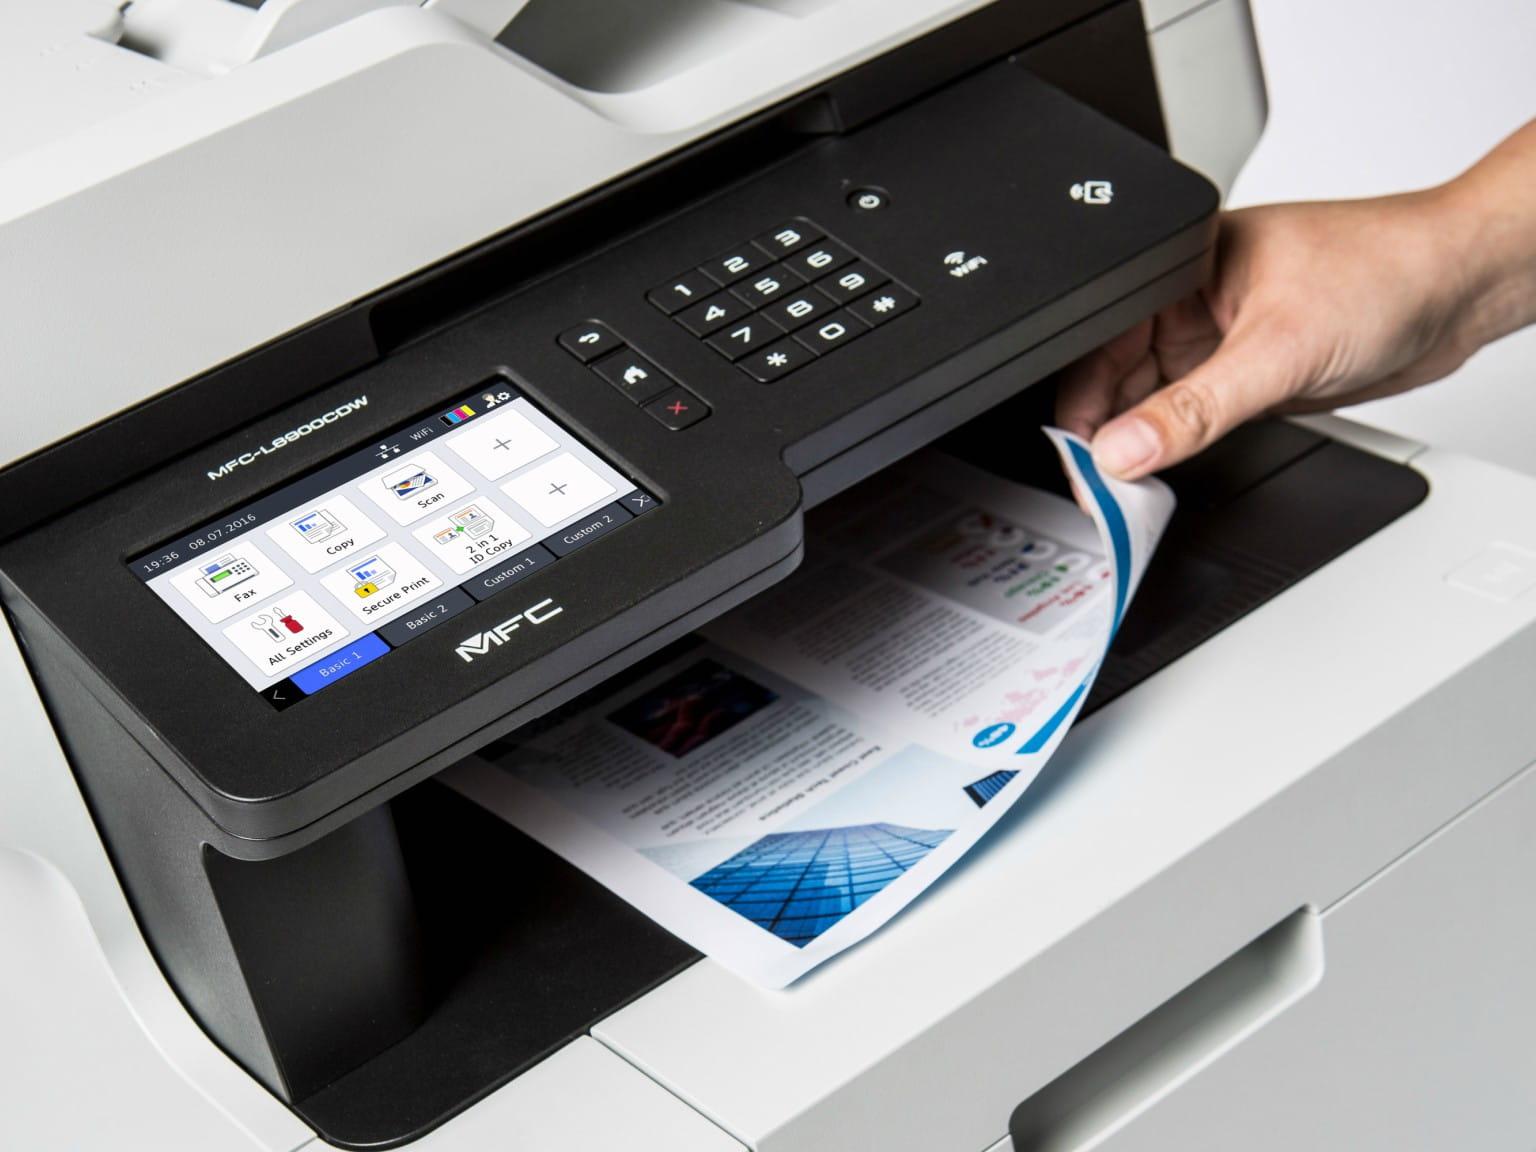 Impresora multifunción láser MFC-L8900DW Brother